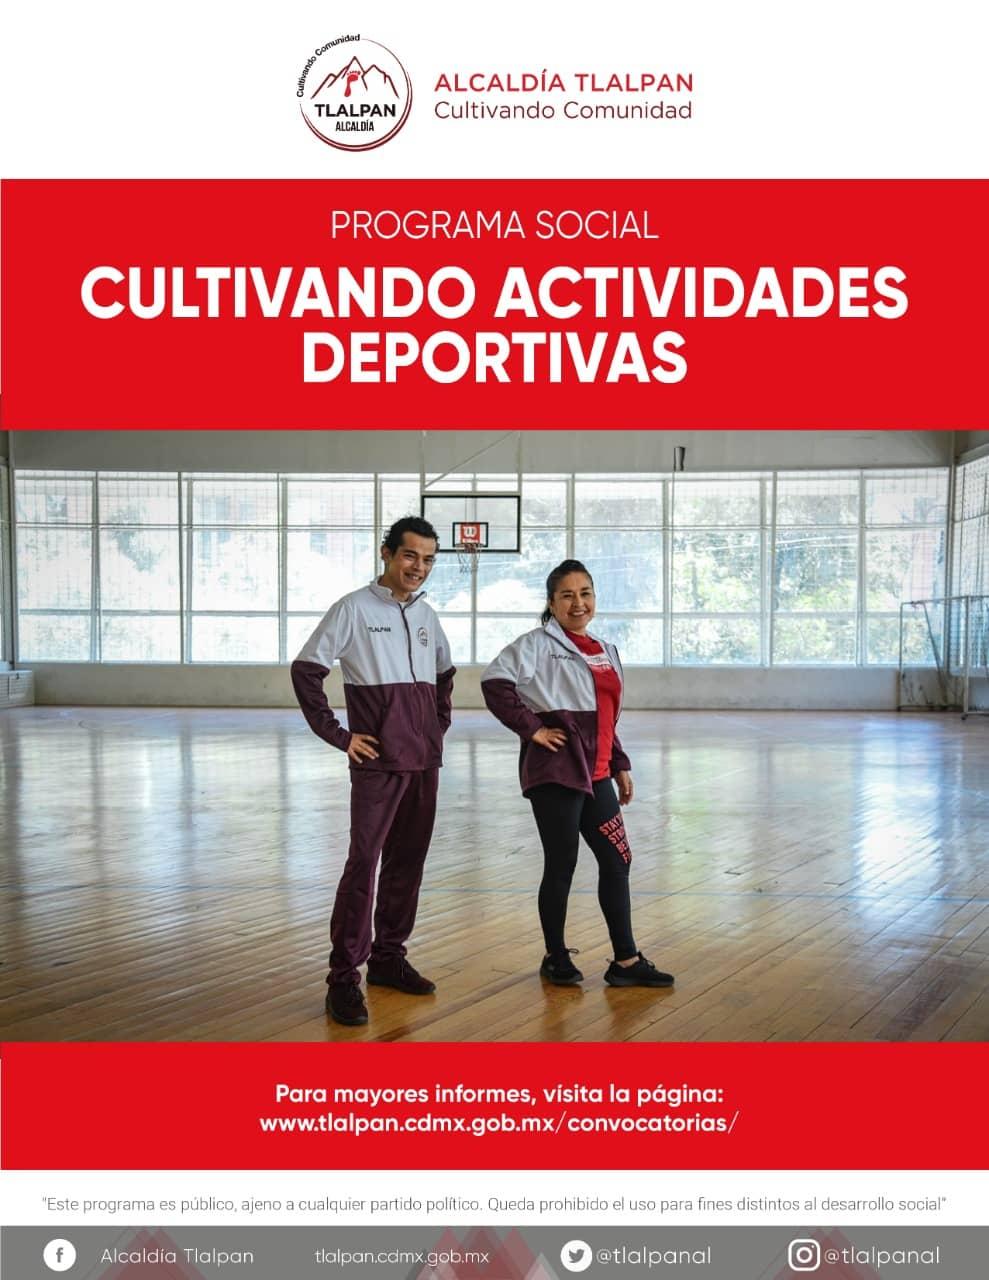 cultivando-actividades-deportivas